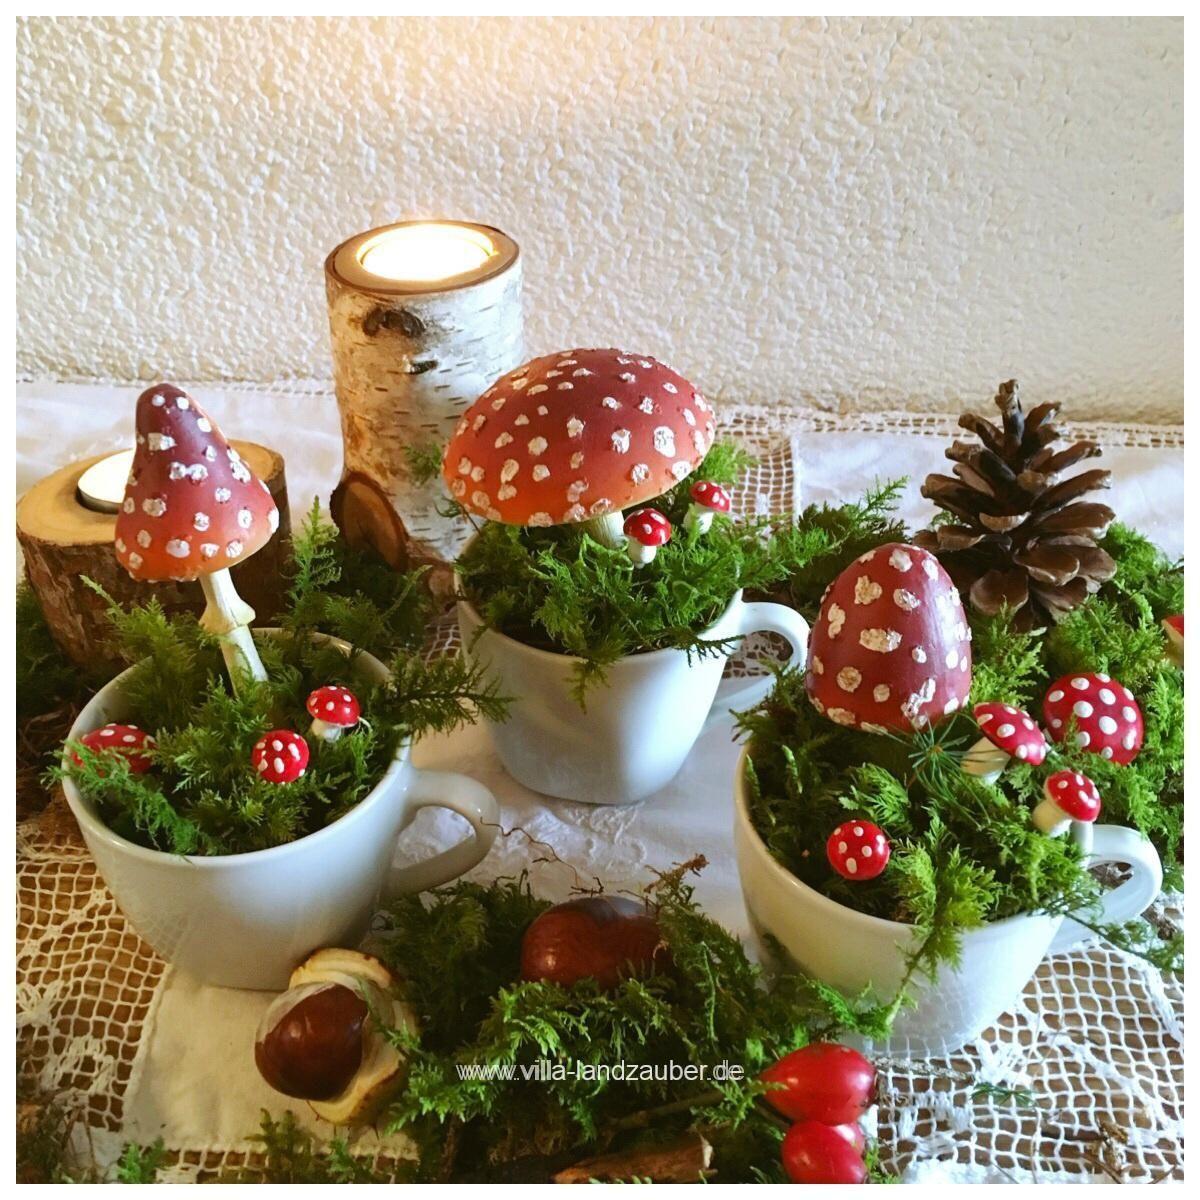 Eine schnelle Last- Minute Dekoration für den Herbst sind kleine Fliegenpilze in der Tasse. Man braucht nur etwas Moos und kleine Pilze und natürlich Tassen. Schon ist die herbstliche Dekoration für den Nachmittagskaffe fertig. Wer mag kann noch kleine Szenen in Schalen, oder einfach so dekorieren. Kastanien u ...